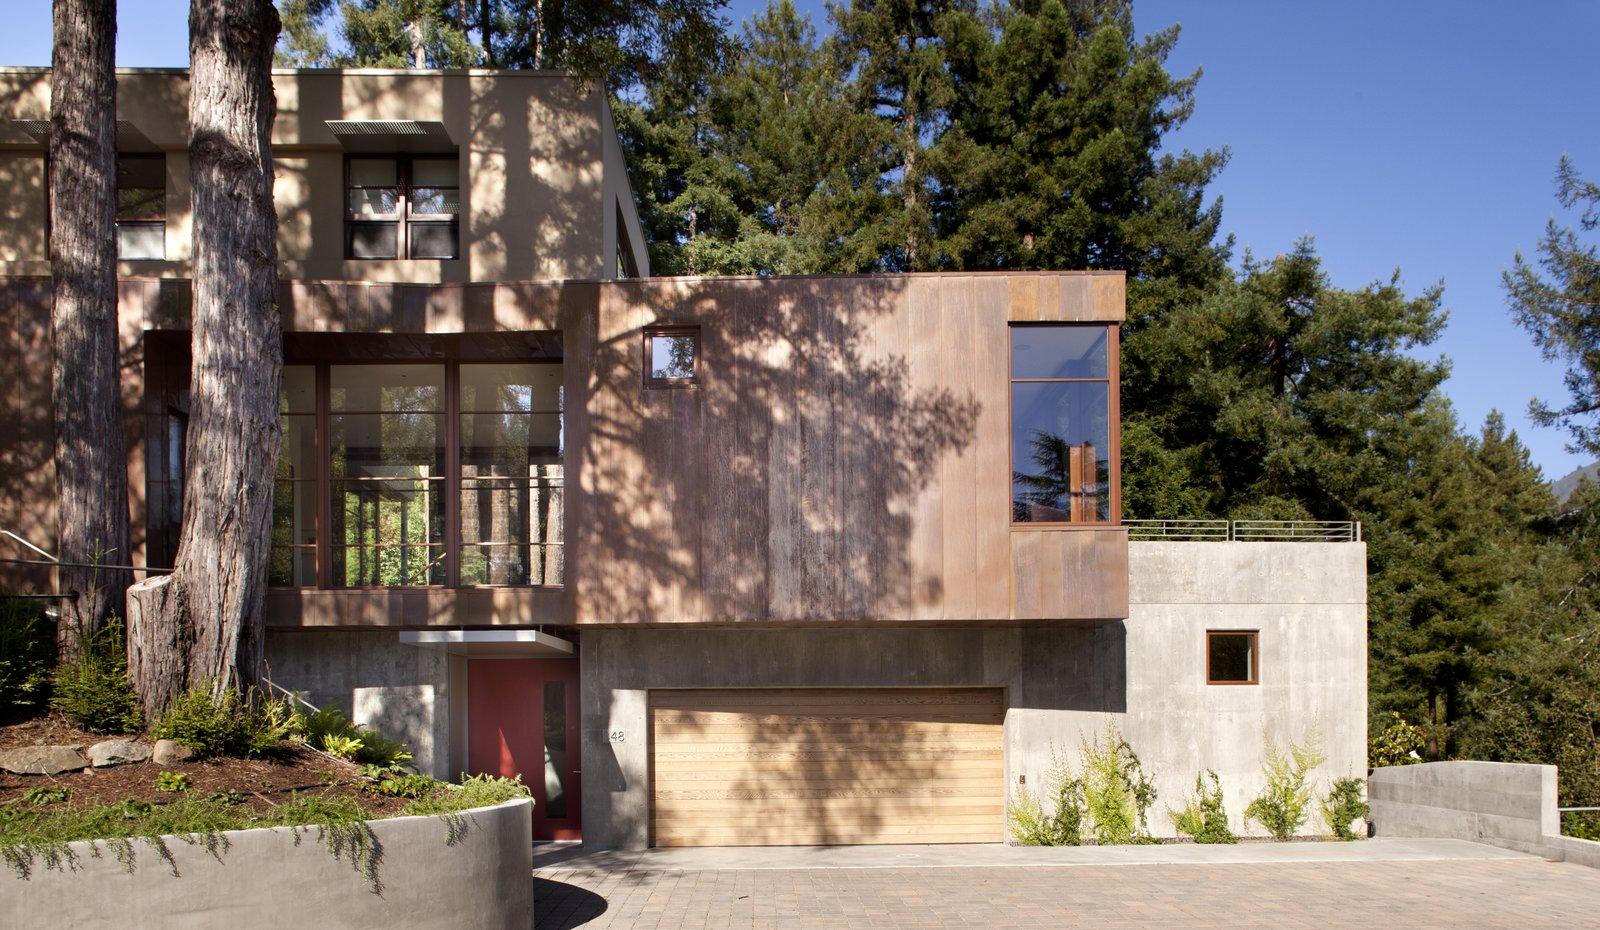 copper & concrete facade